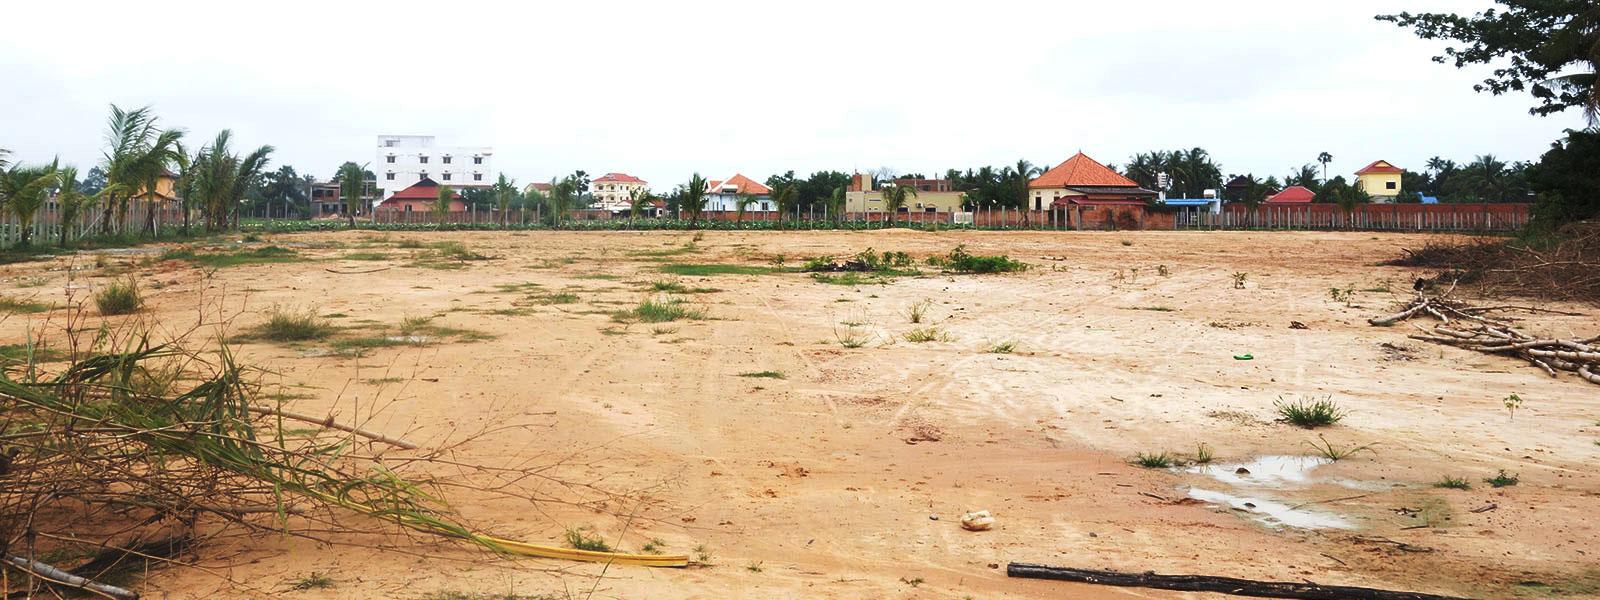 Development Land in Siem Reap